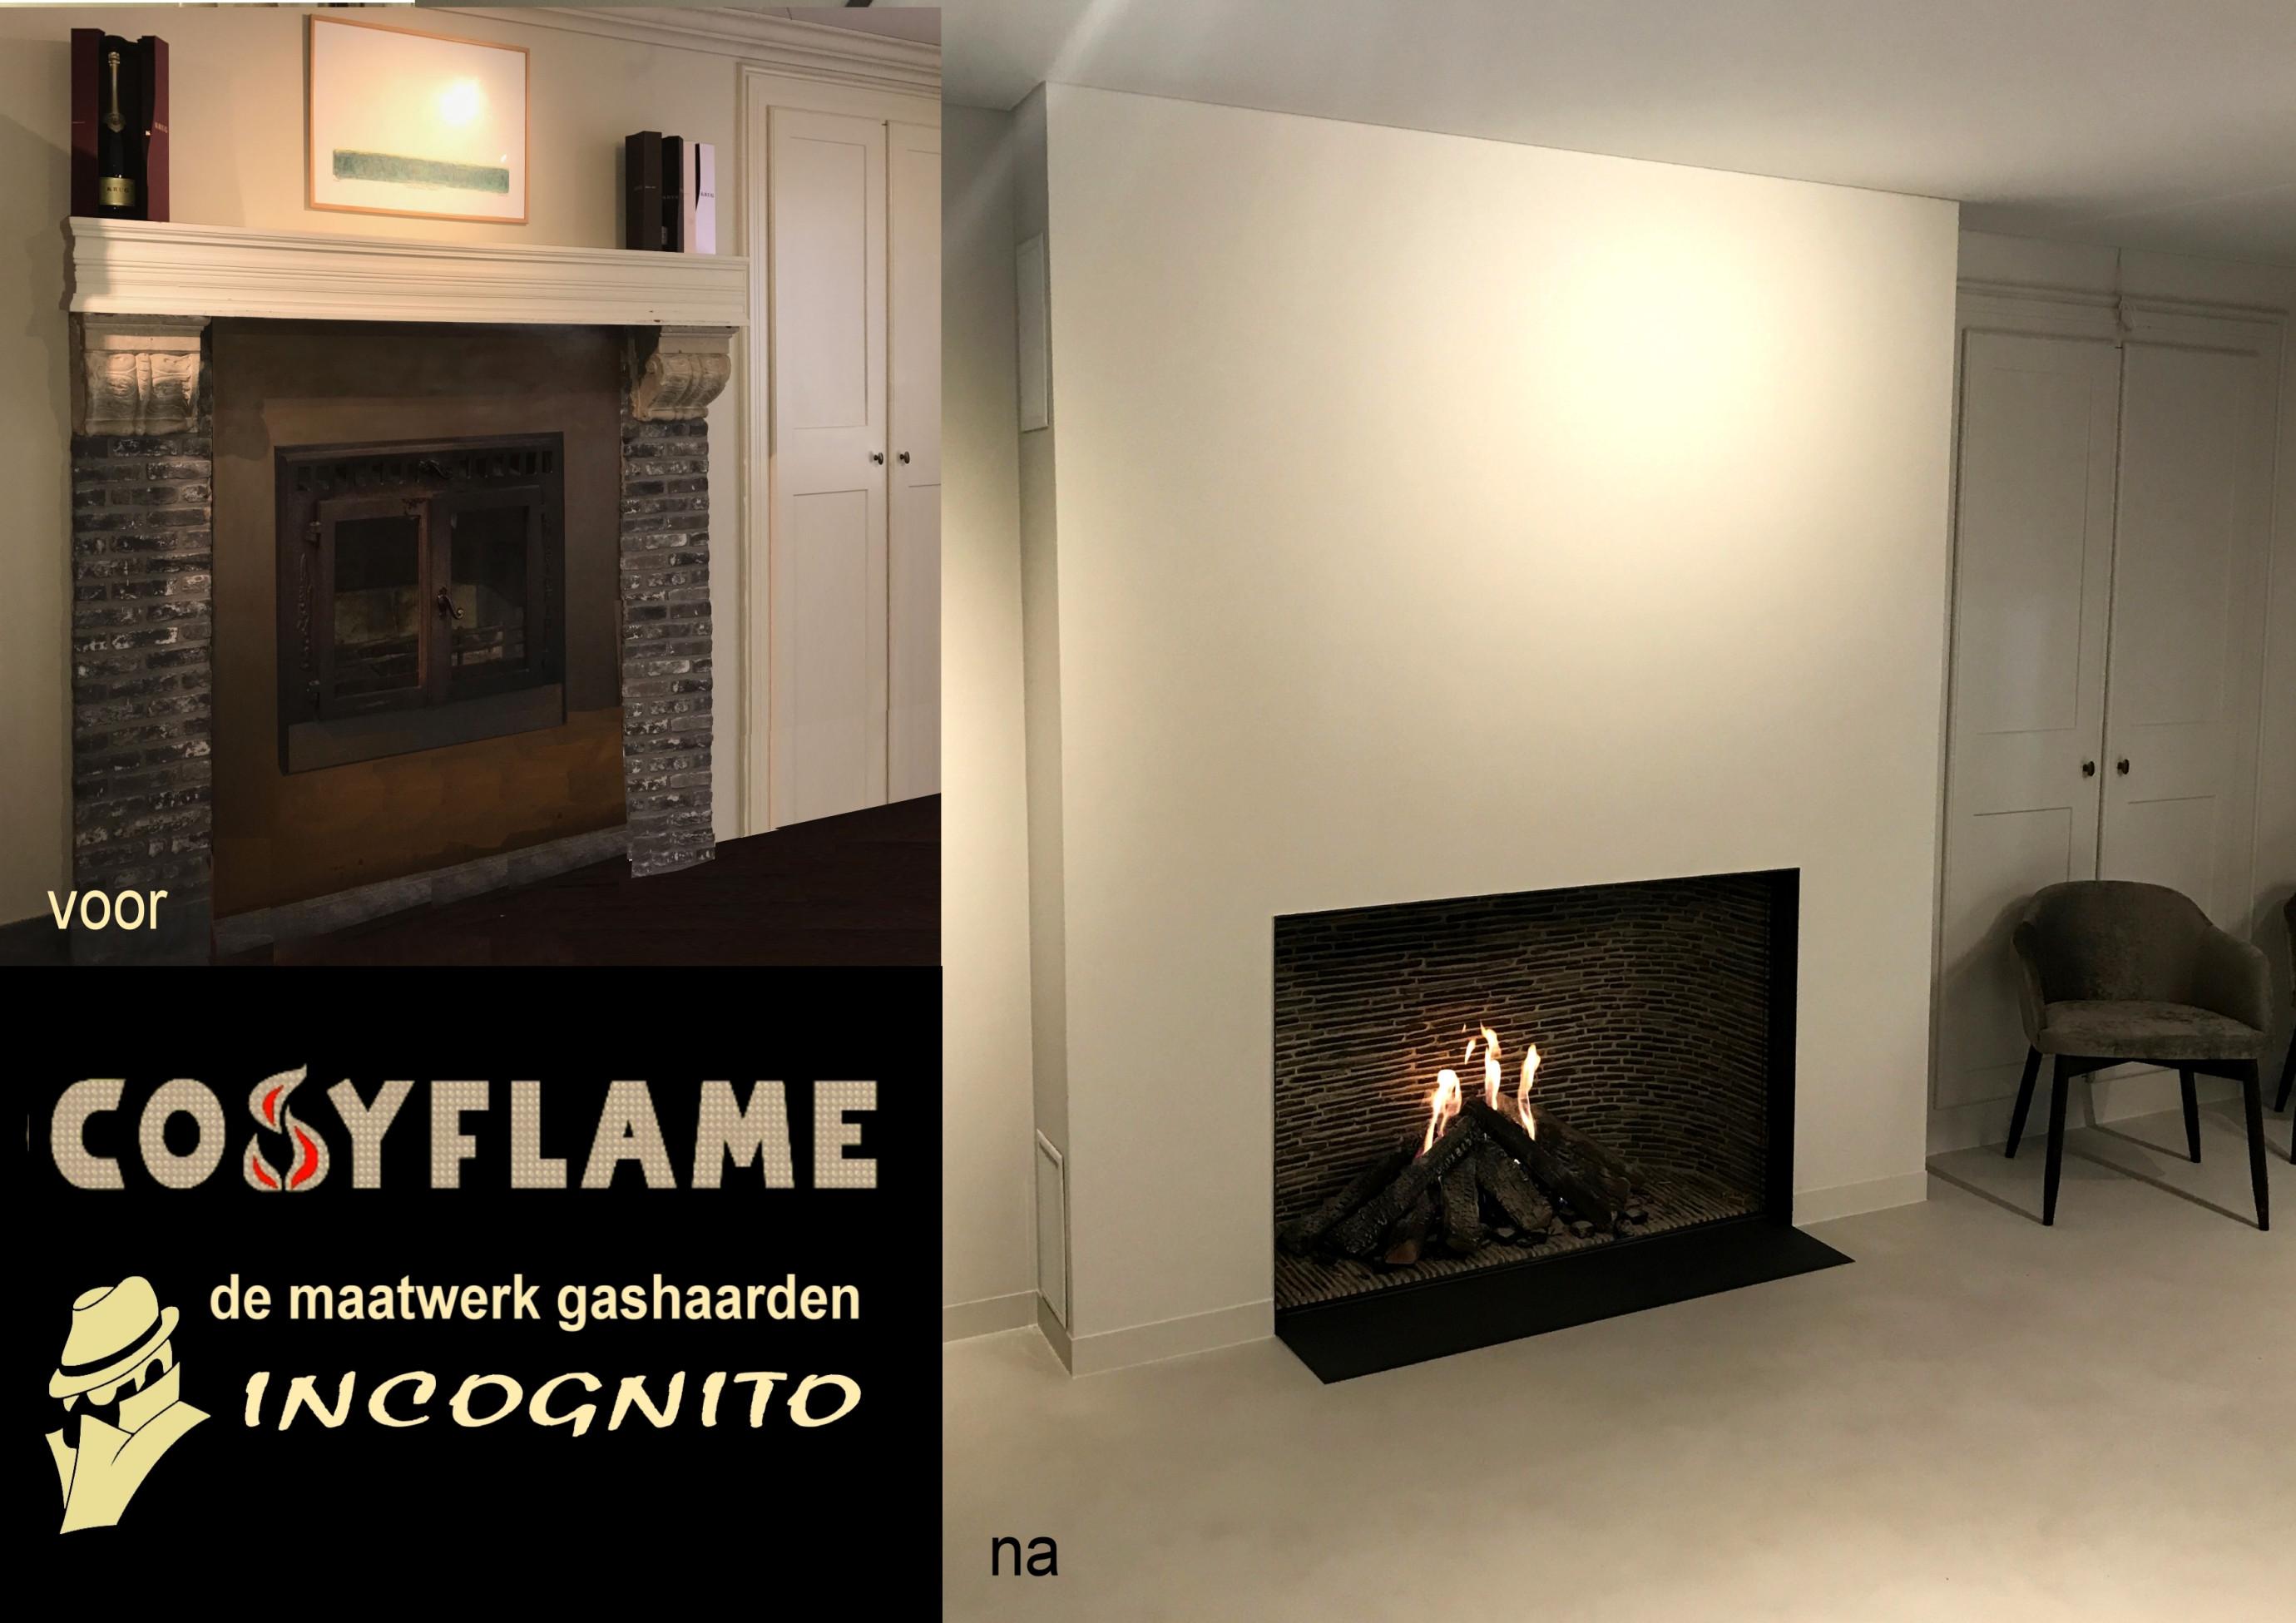 Cosyflame-2018-11-25 voor-na SP cassette strak brasseriie